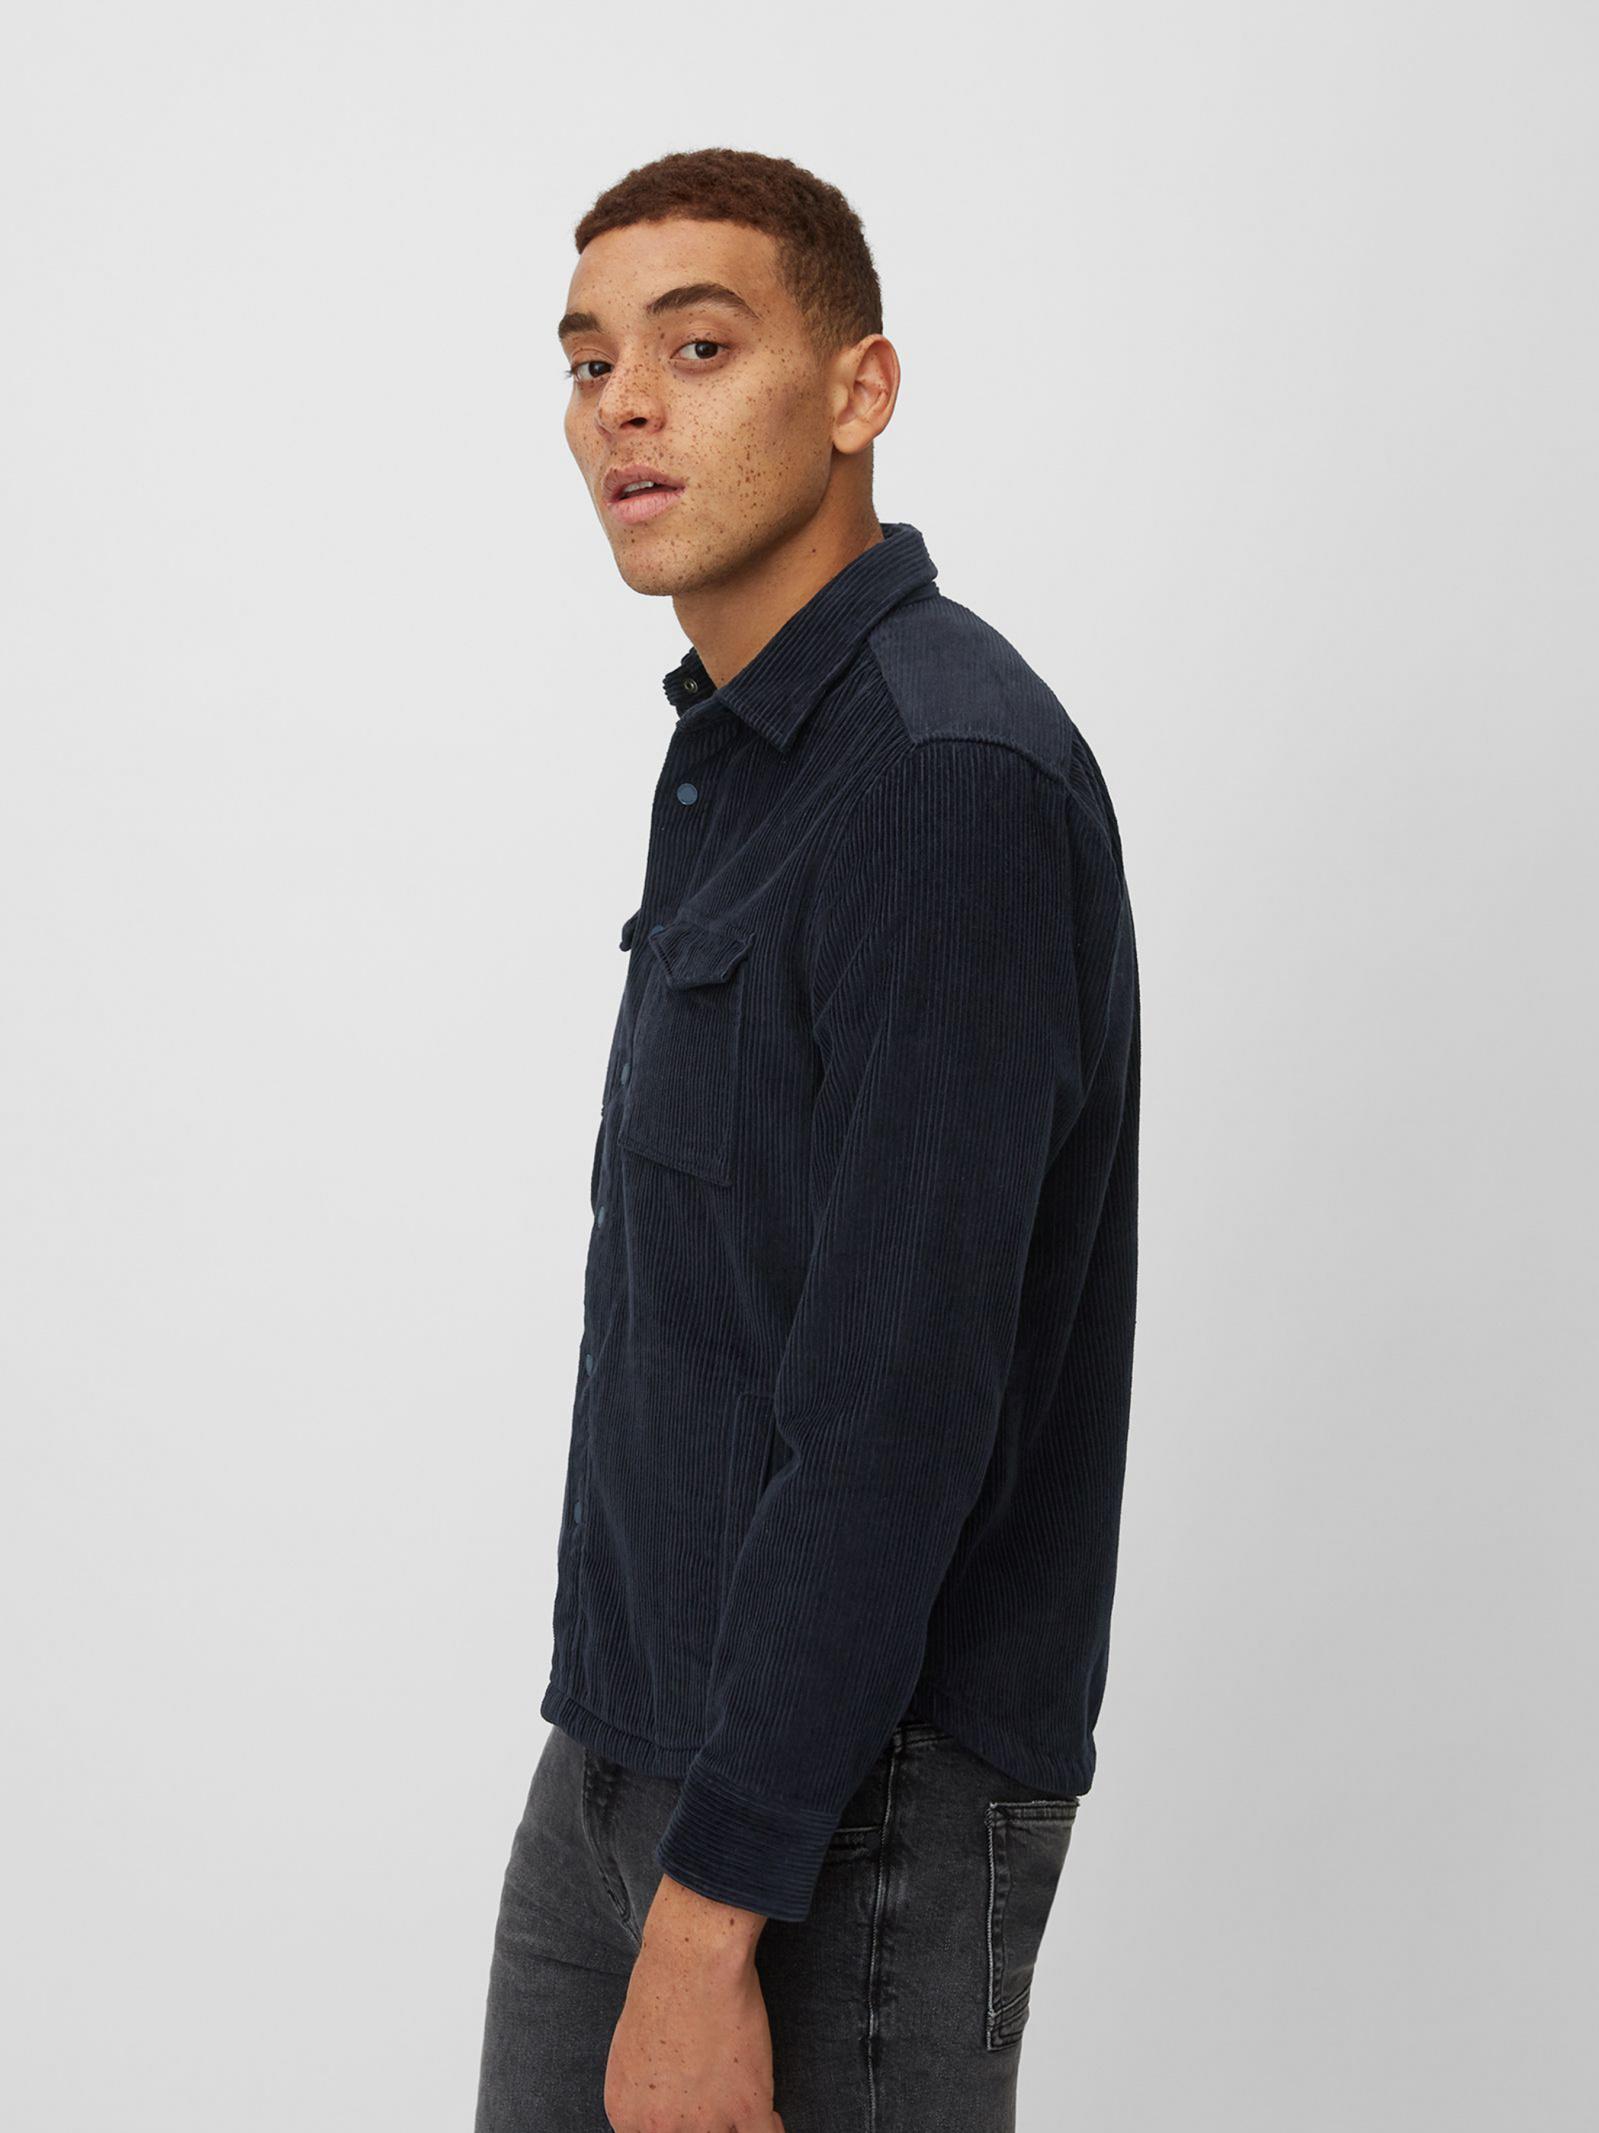 Рубашка мужские MARC O'POLO DENIM модель 060091142042-815 купить, 2017